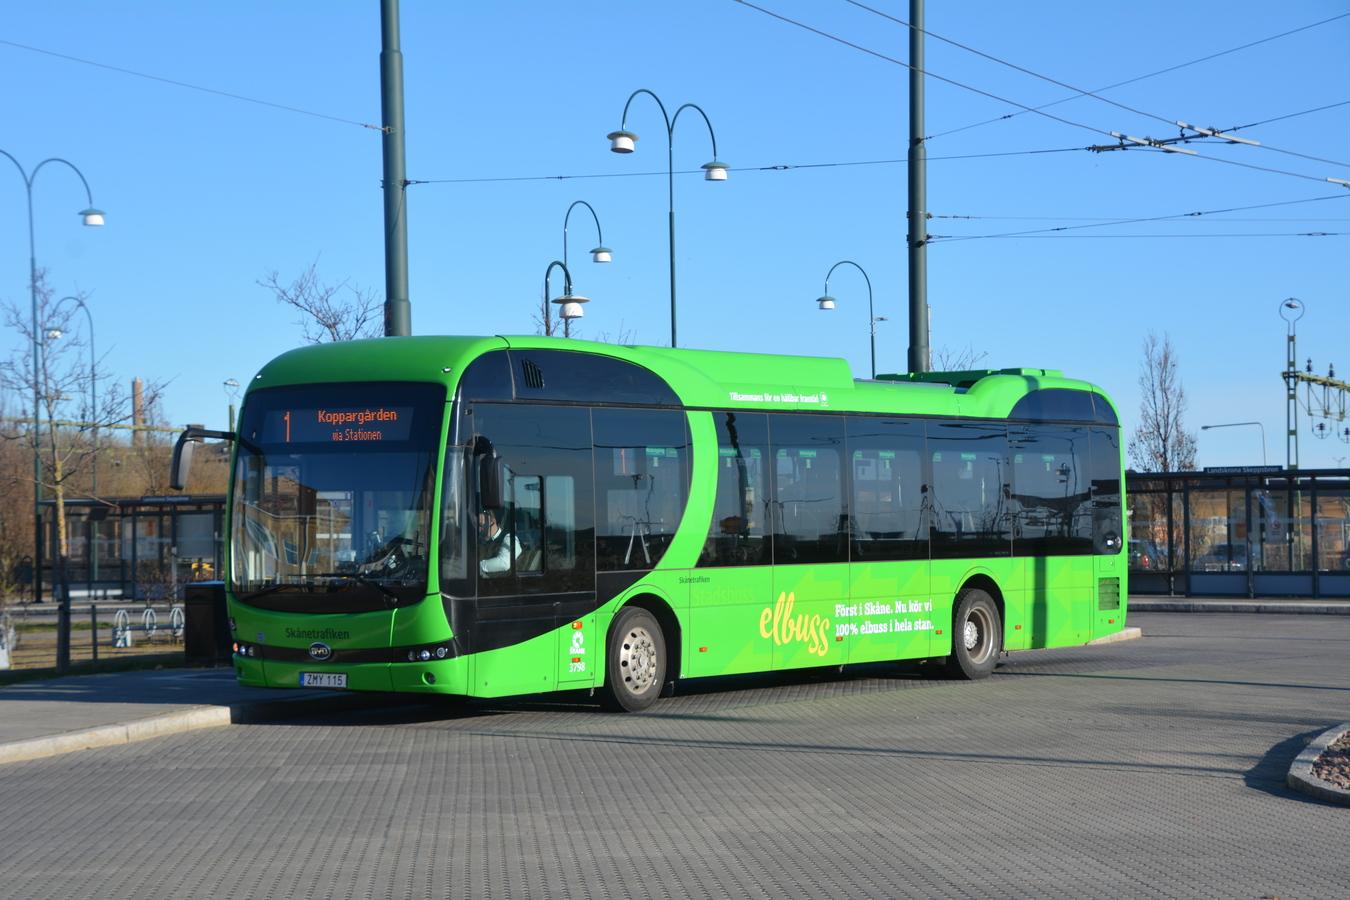 Kreisanfrage: Einsatz von batterieelektrisch angetriebenen Bussen beim RVE (Antwort vom 26.02.2021)